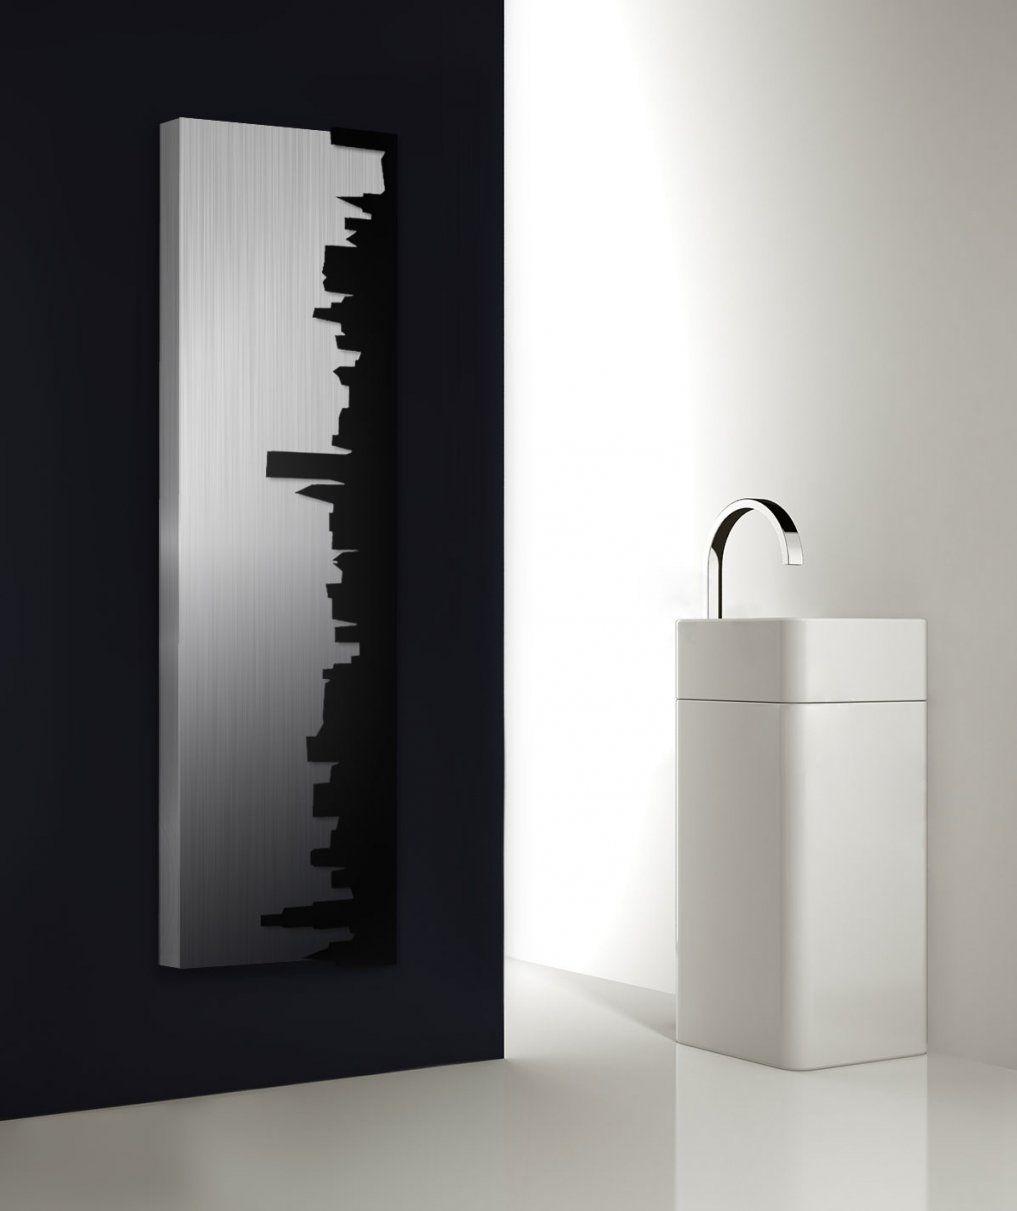 Kleines Heizkorper Design Wohnzimmer: Genial Wohnzimmer Charmant Heizkörper Wohnzimmer Ideen